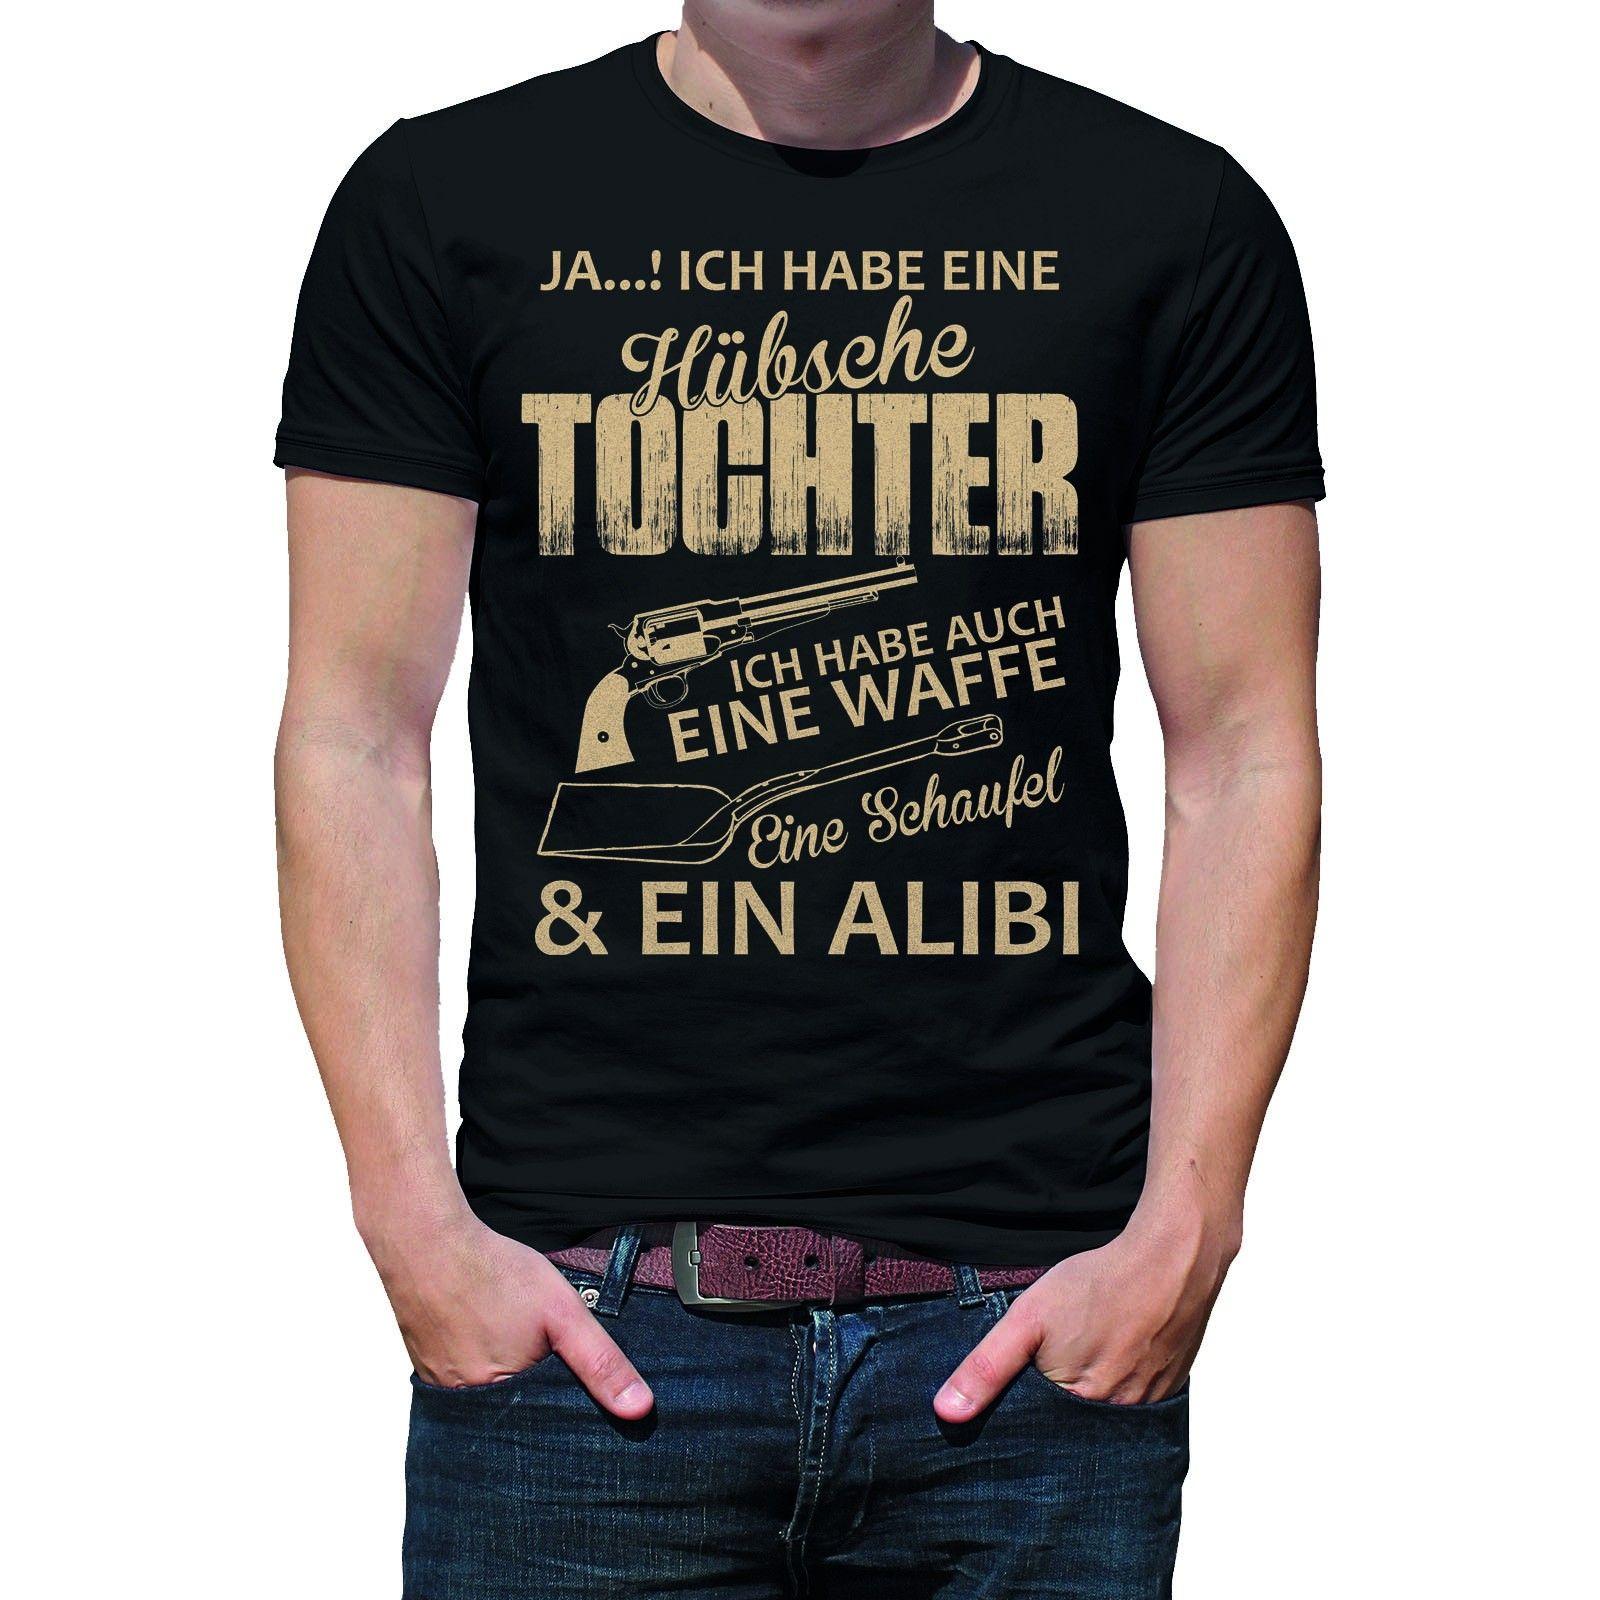 Herren T Shirt Modell Ja Ich Habe Eine Hubsche Tochter Ich Habe Auch Eine Waffe Eine Schaufel Ein Alibi Farbe Grosse Shirts T Shirt Herren T Shirt